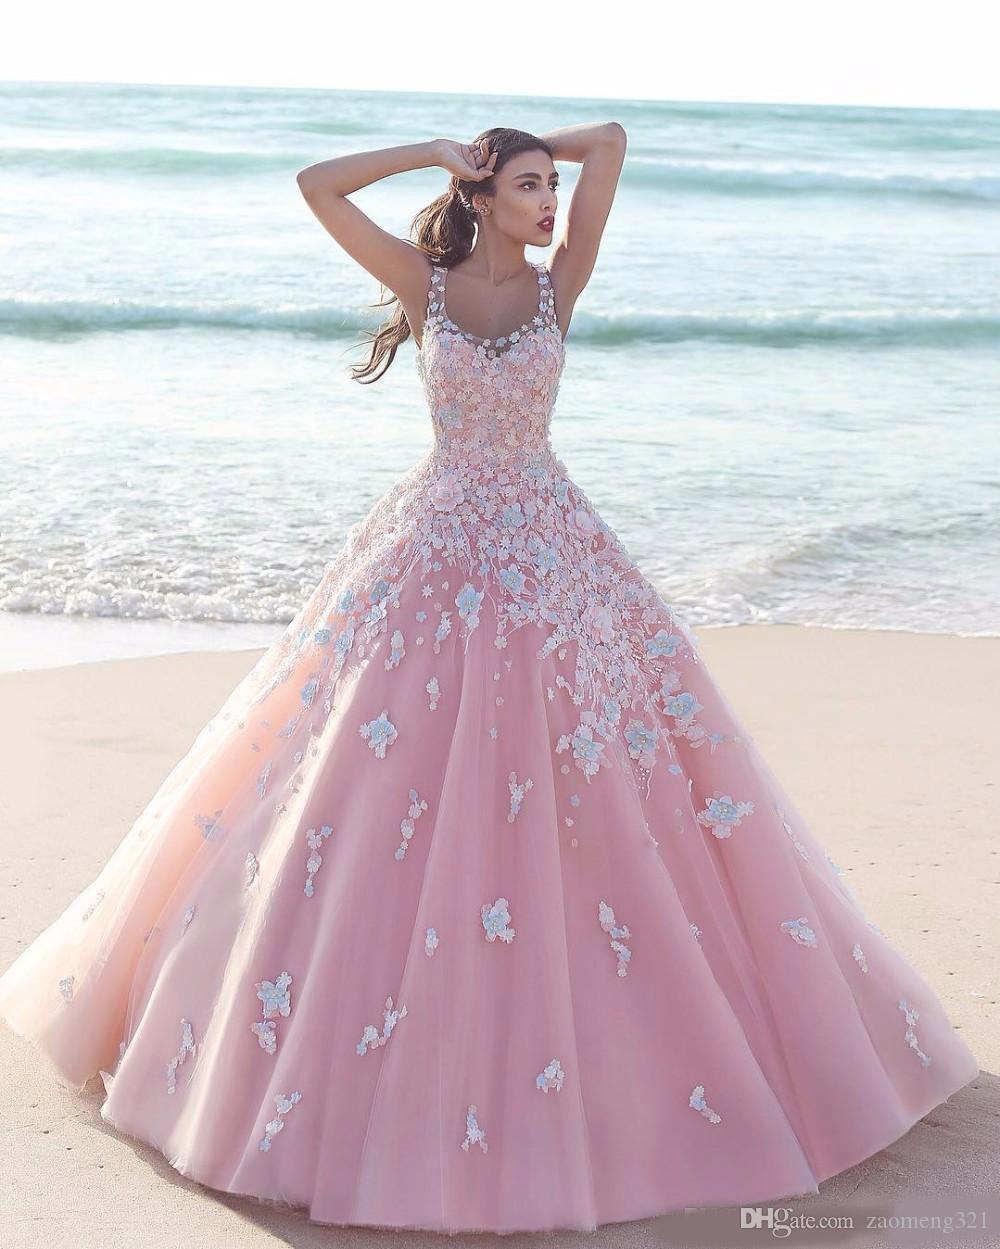 Prinzessin Blume Blumen rosa Ballkleid Quinceanera Kleider 2020-Tulle Scoop Sleeveless Spitze Mieder lange Abschlussball-Kleid-formale Partei